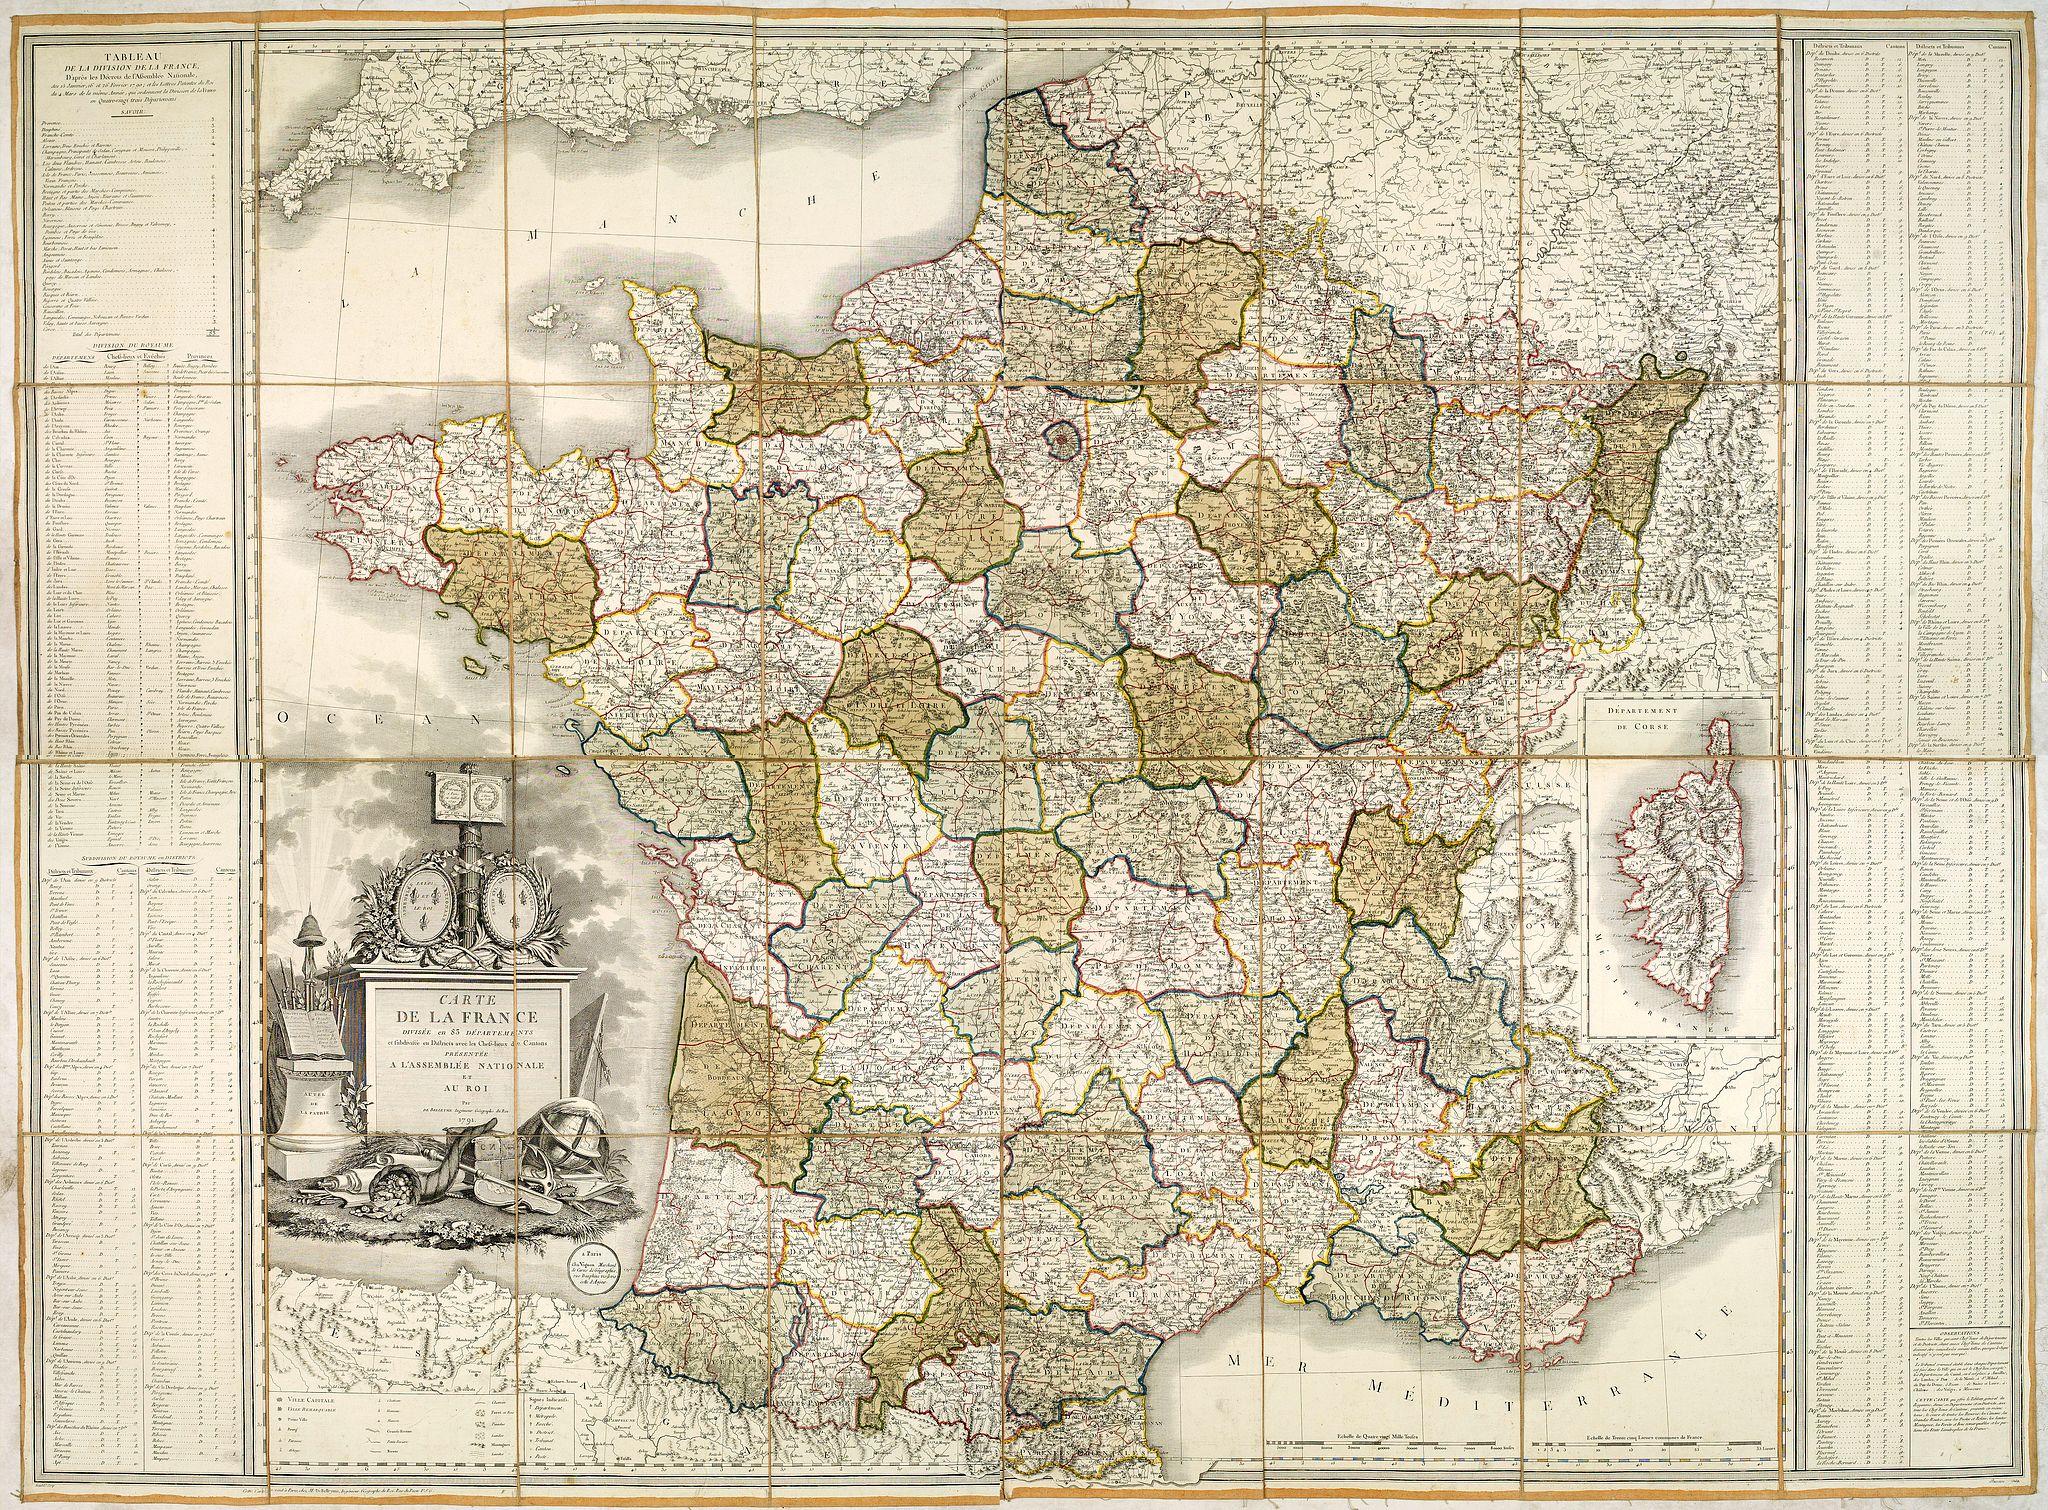 BELLEYME, P. de. -  Carte de la France Divisée en 83 Départements et Subdivisée en districts avec les Chefs-lieux de Cantons Présentée à l